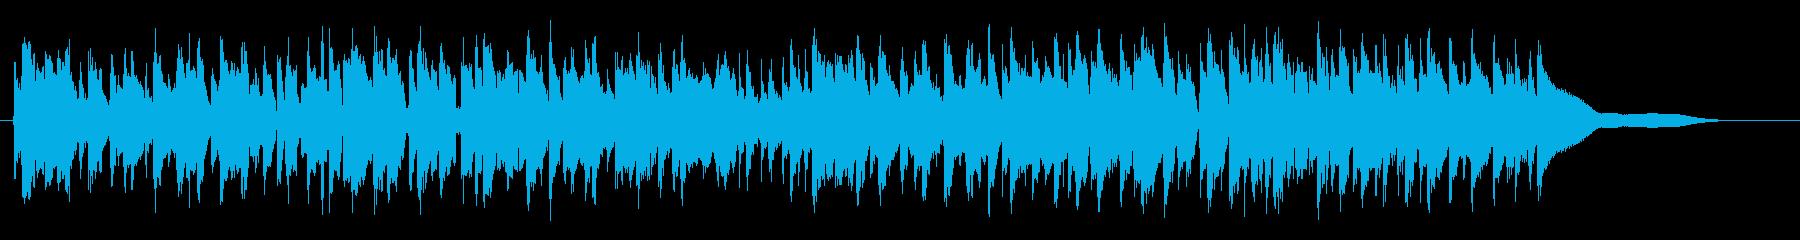 弾むシンクロしたフルートの再生済みの波形